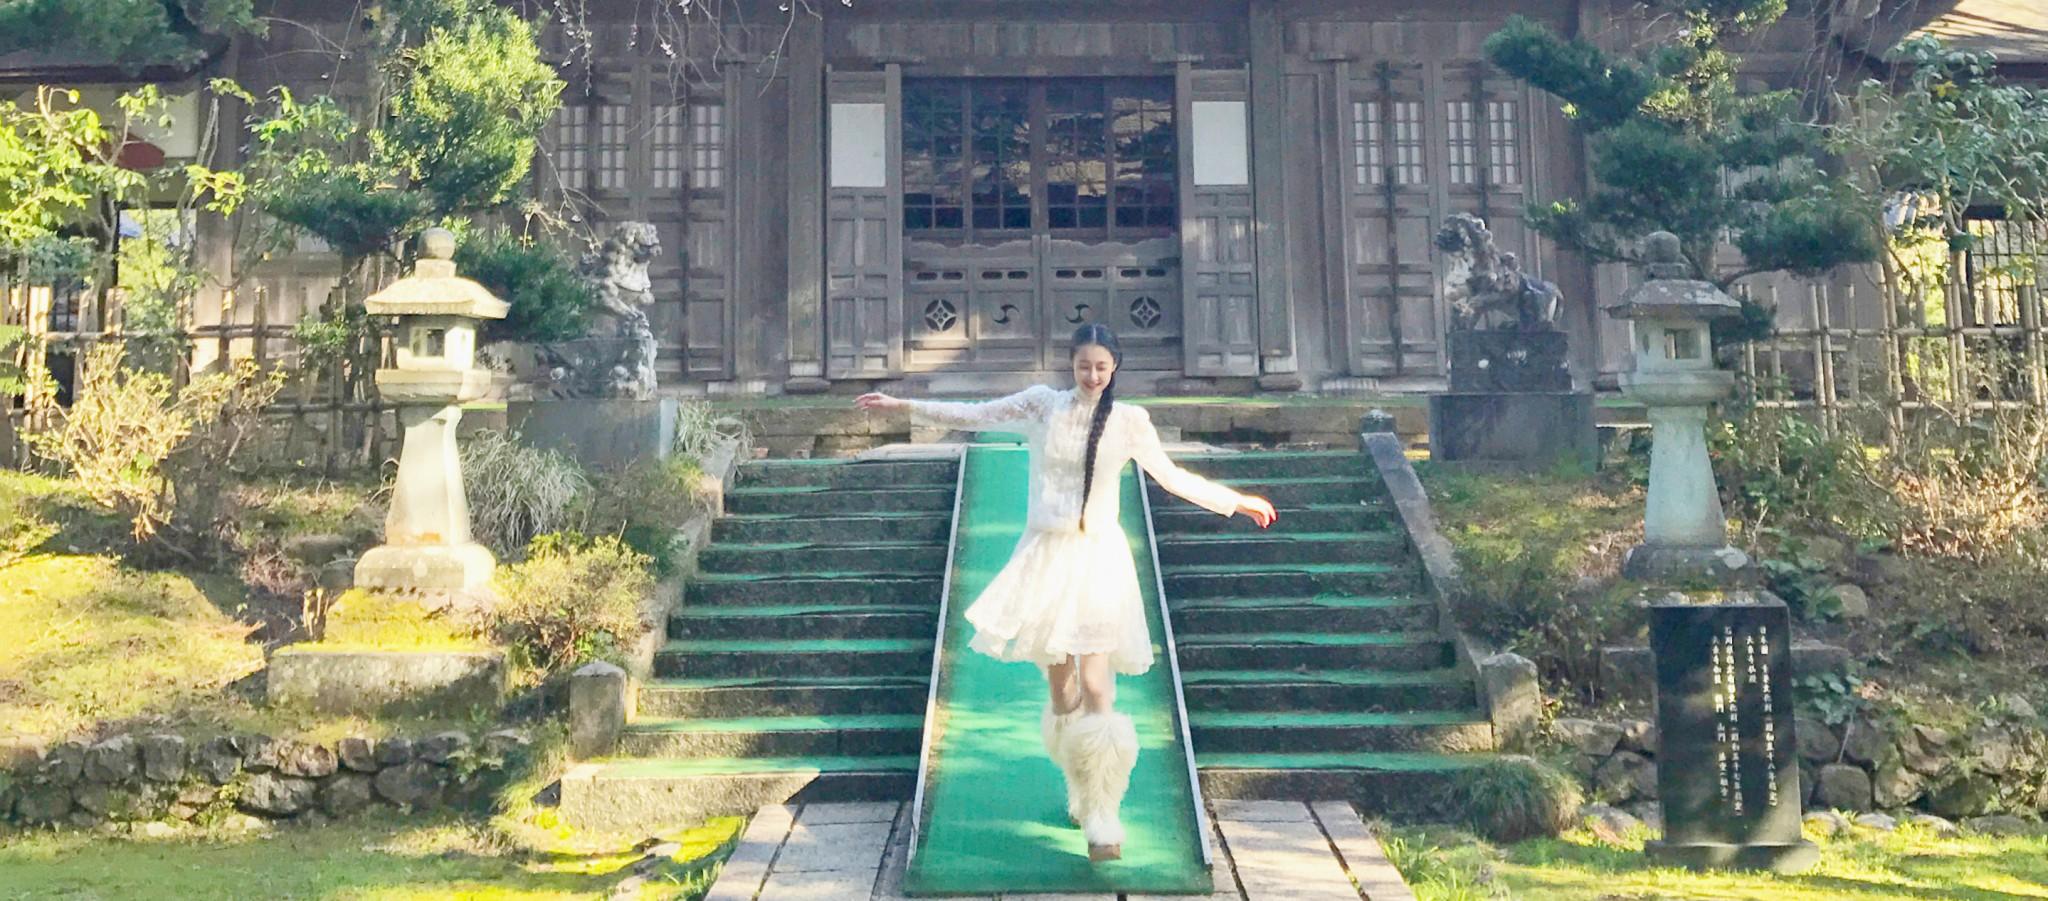 石川県・金沢市にある〈大乗寺〉で初詣。幻想的な雰囲気と自然を感じて!